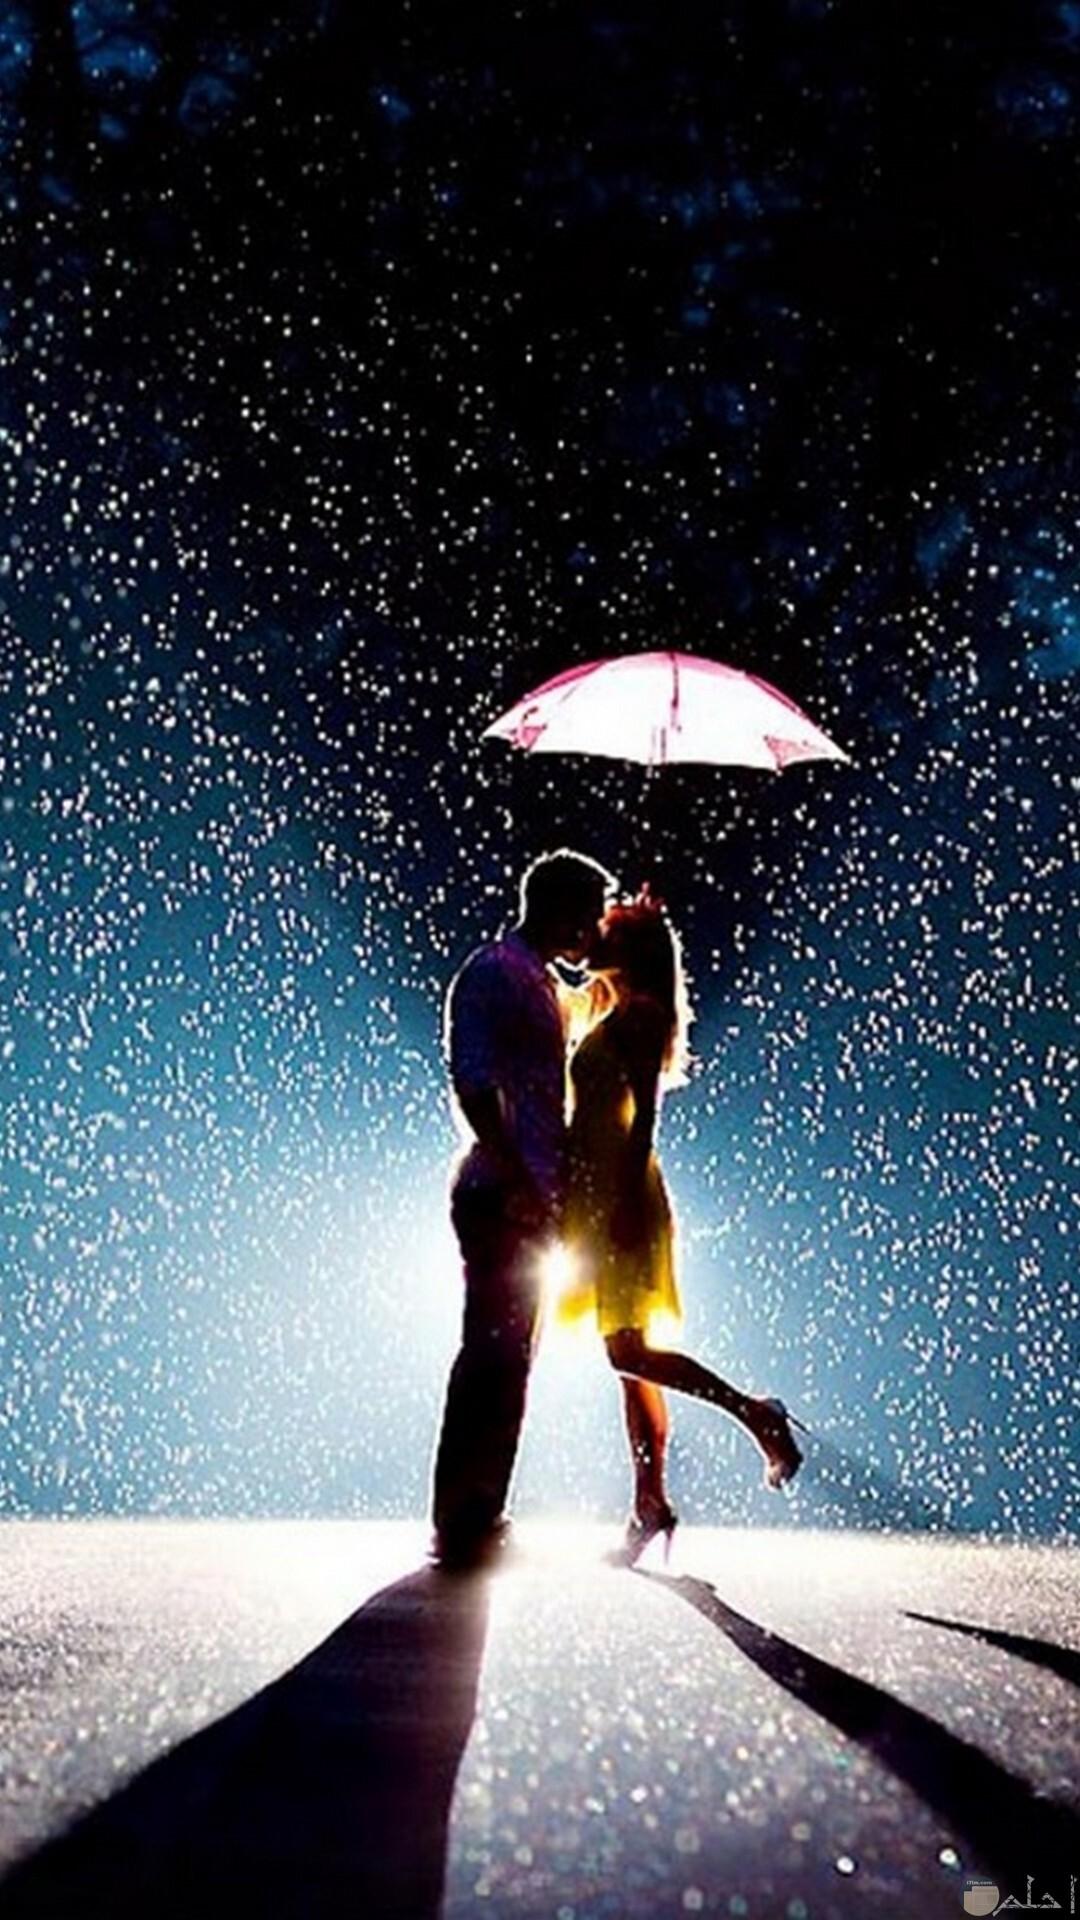 ثنائي جميل من العشاق تحت المطر.